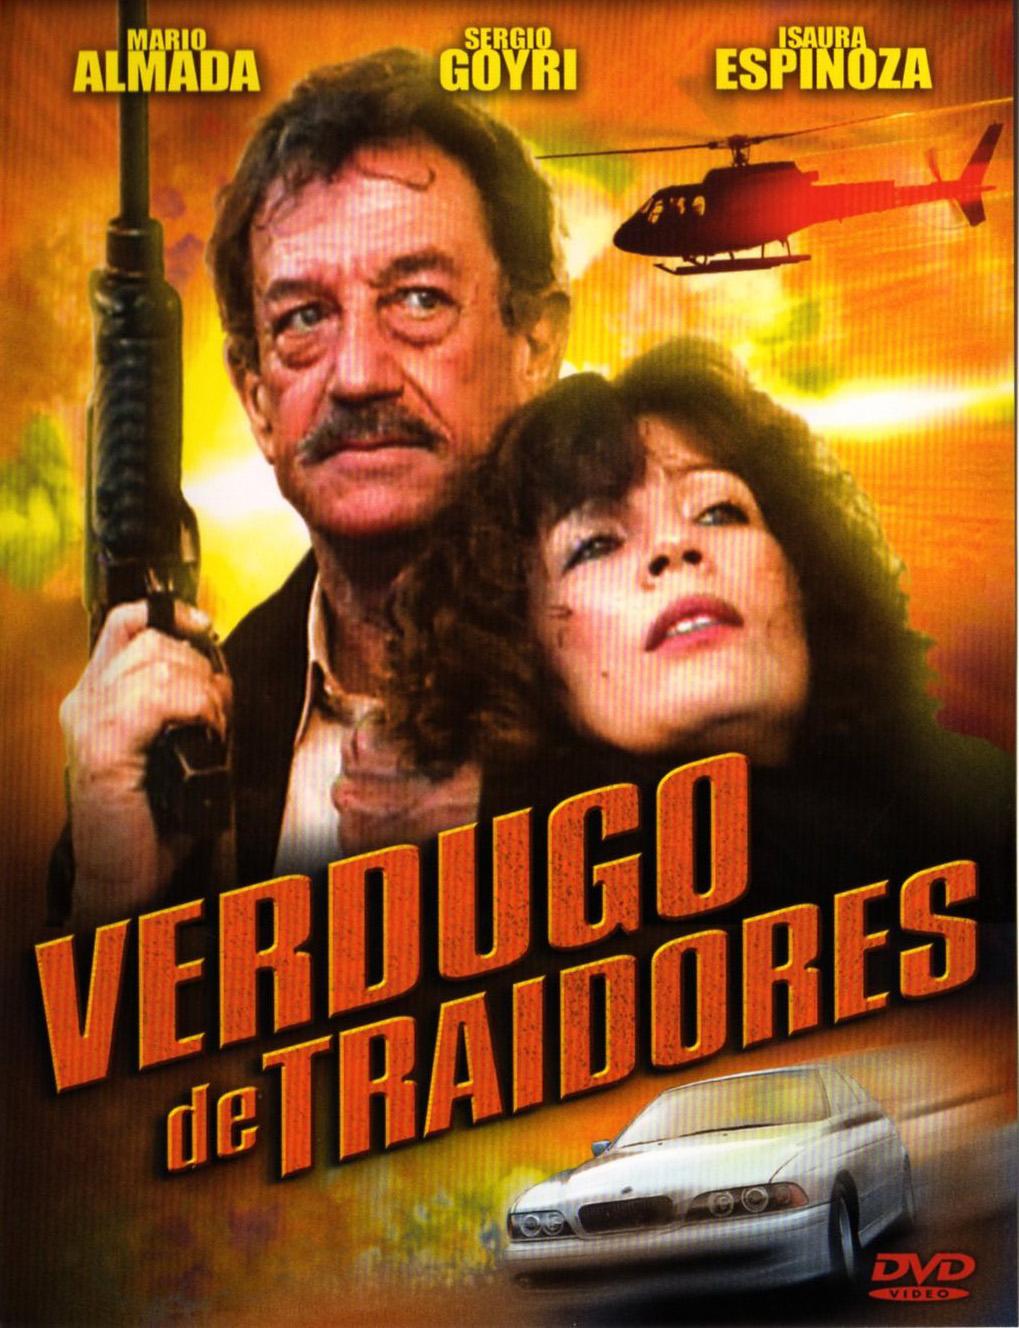 Mario Almada in Verdugo de traidores (1986)